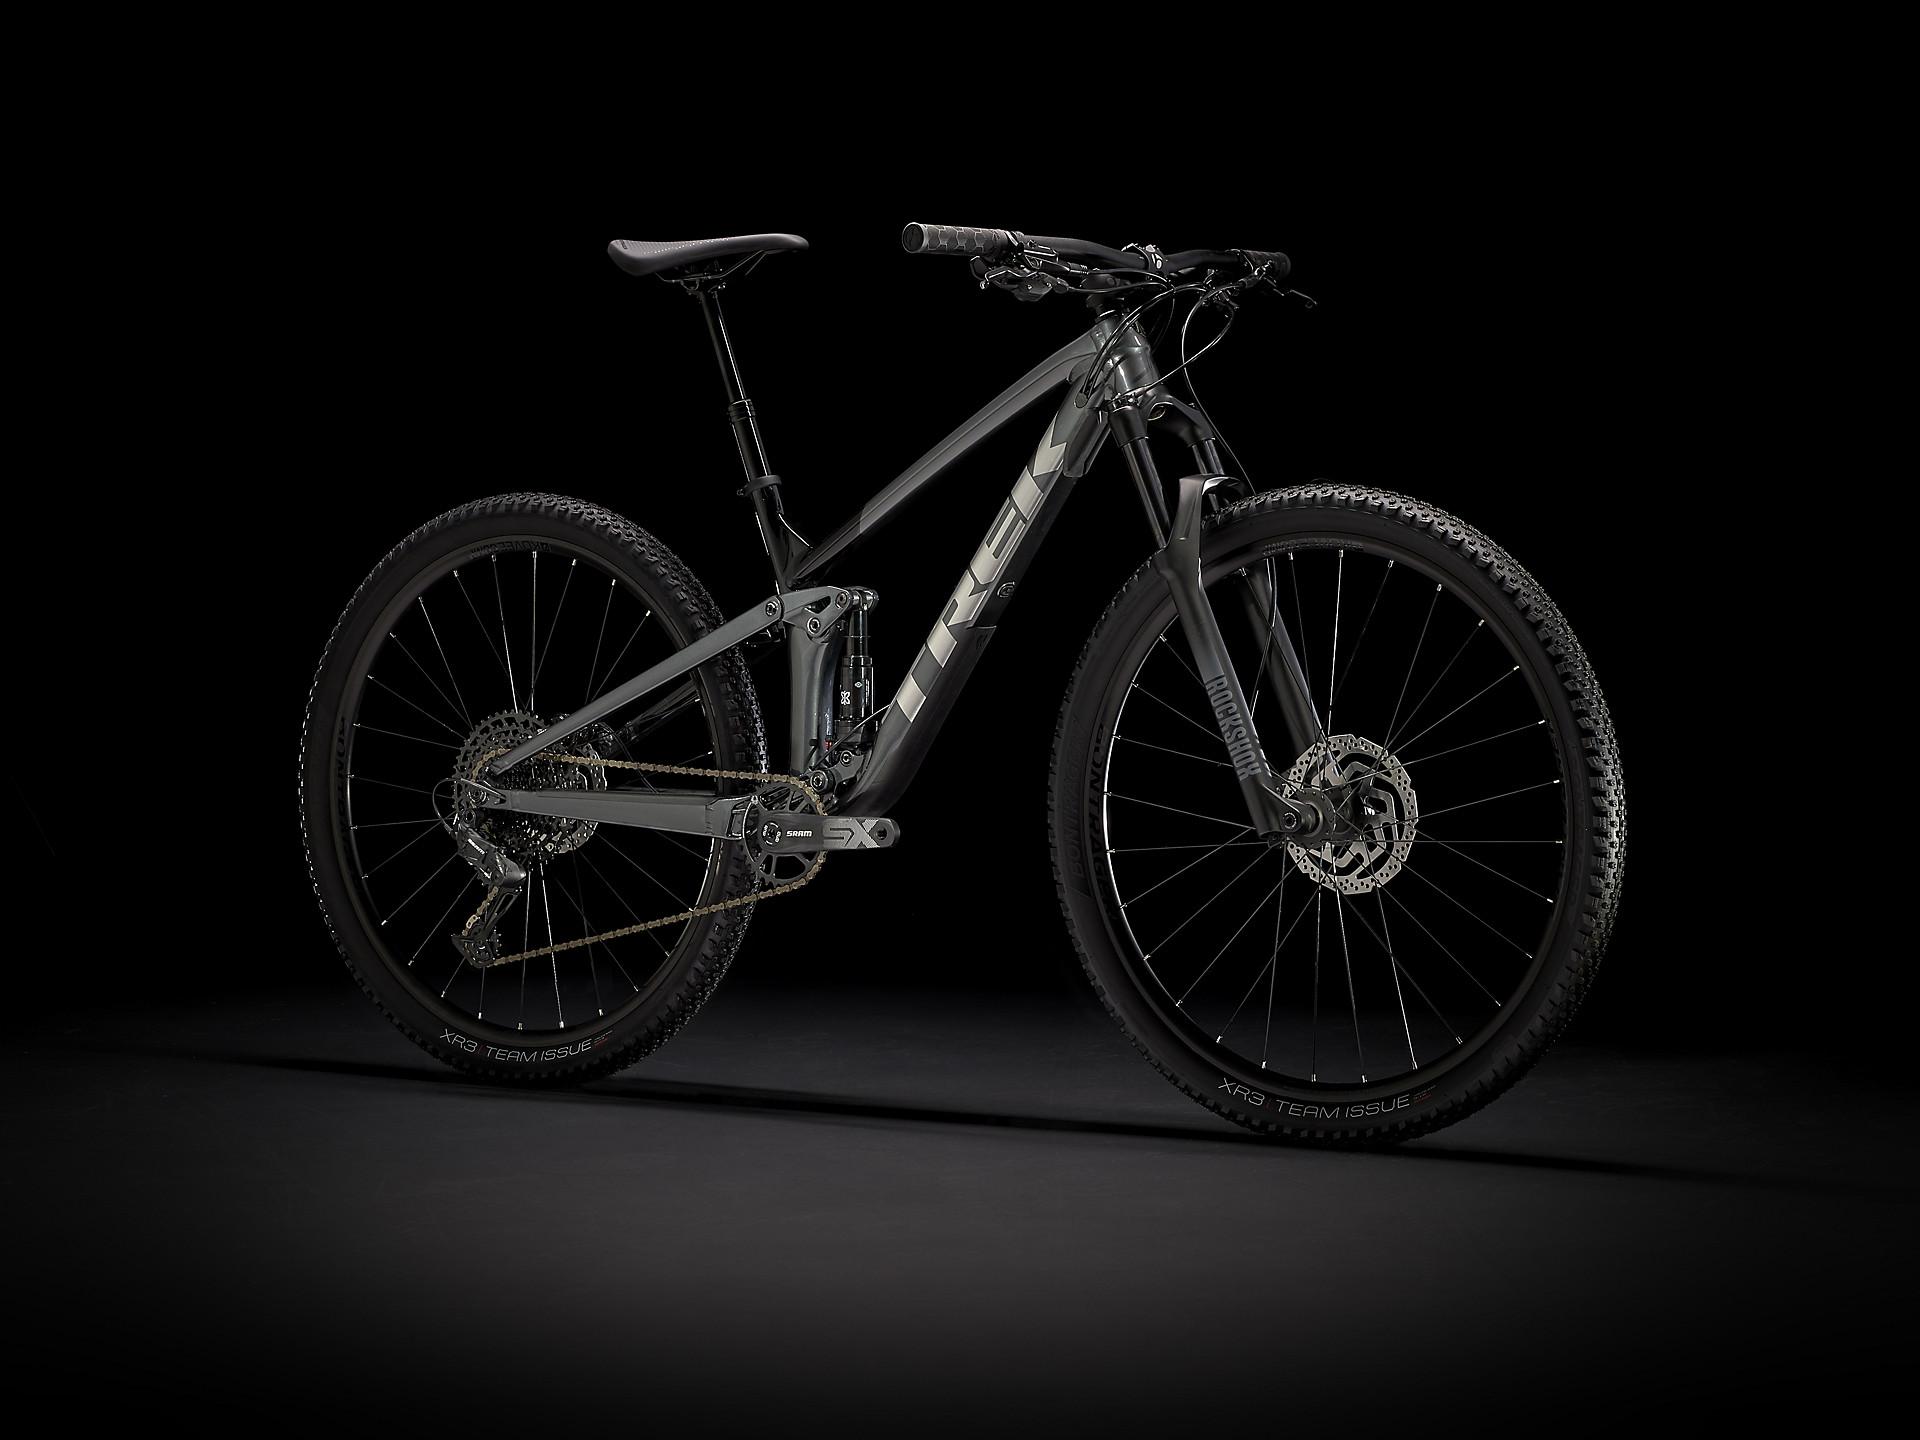 Top Fuel 7 SX | Trek Bikes